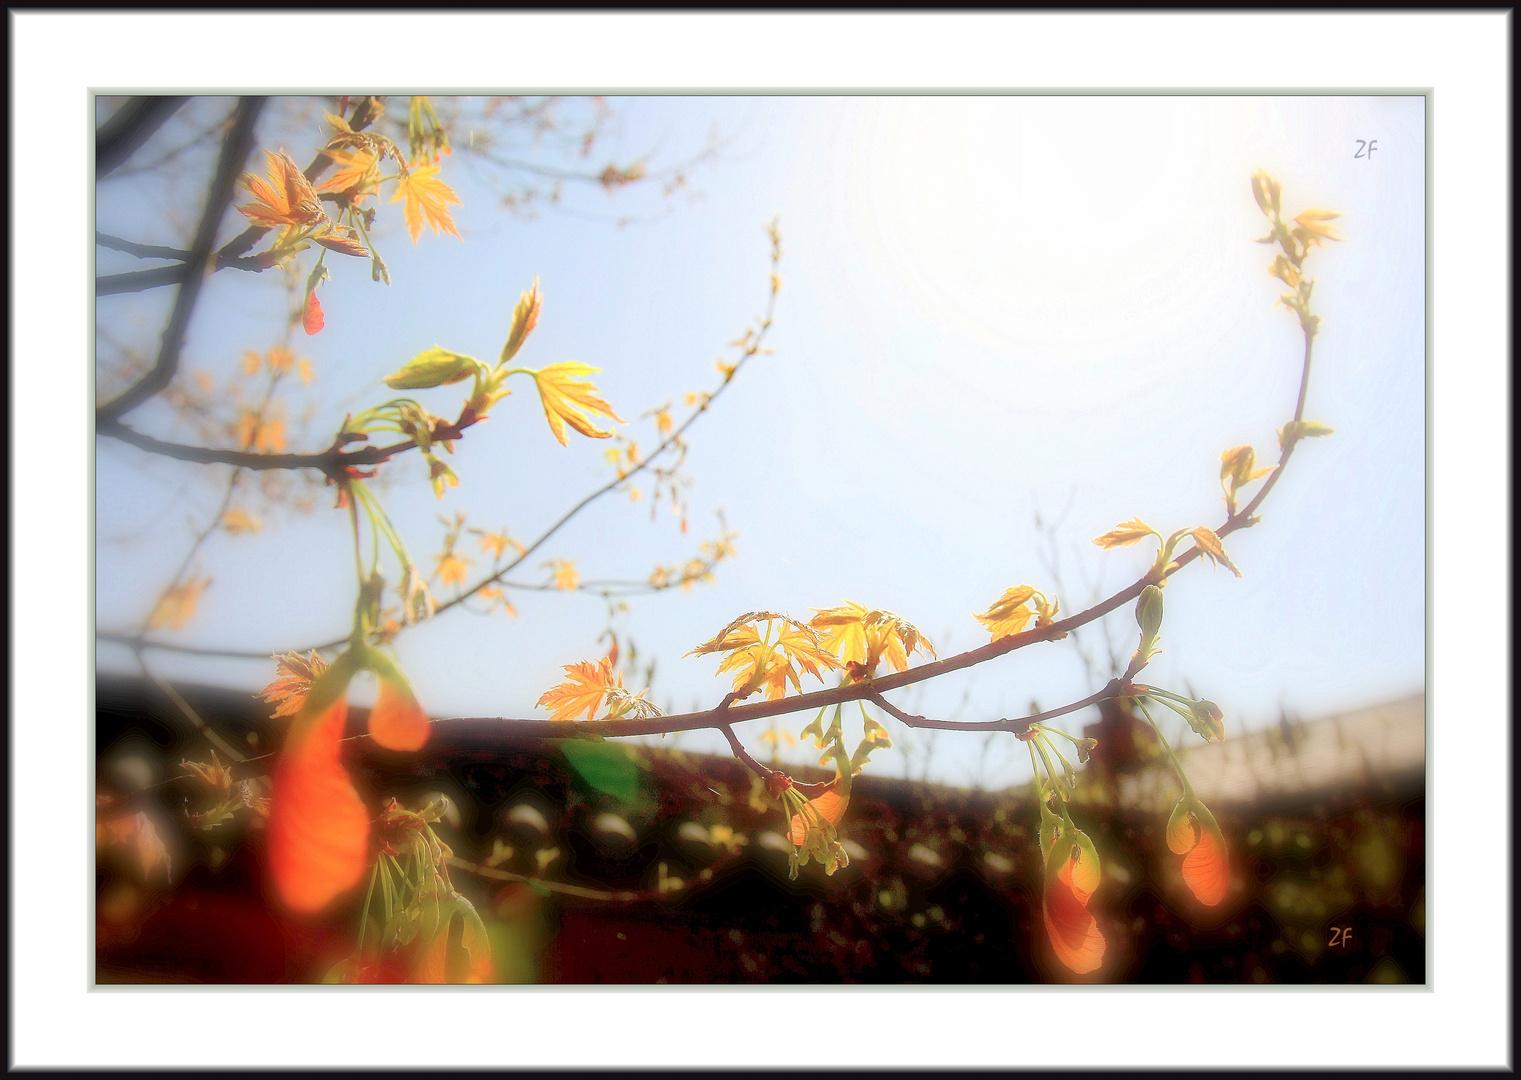 *** China Garden ***